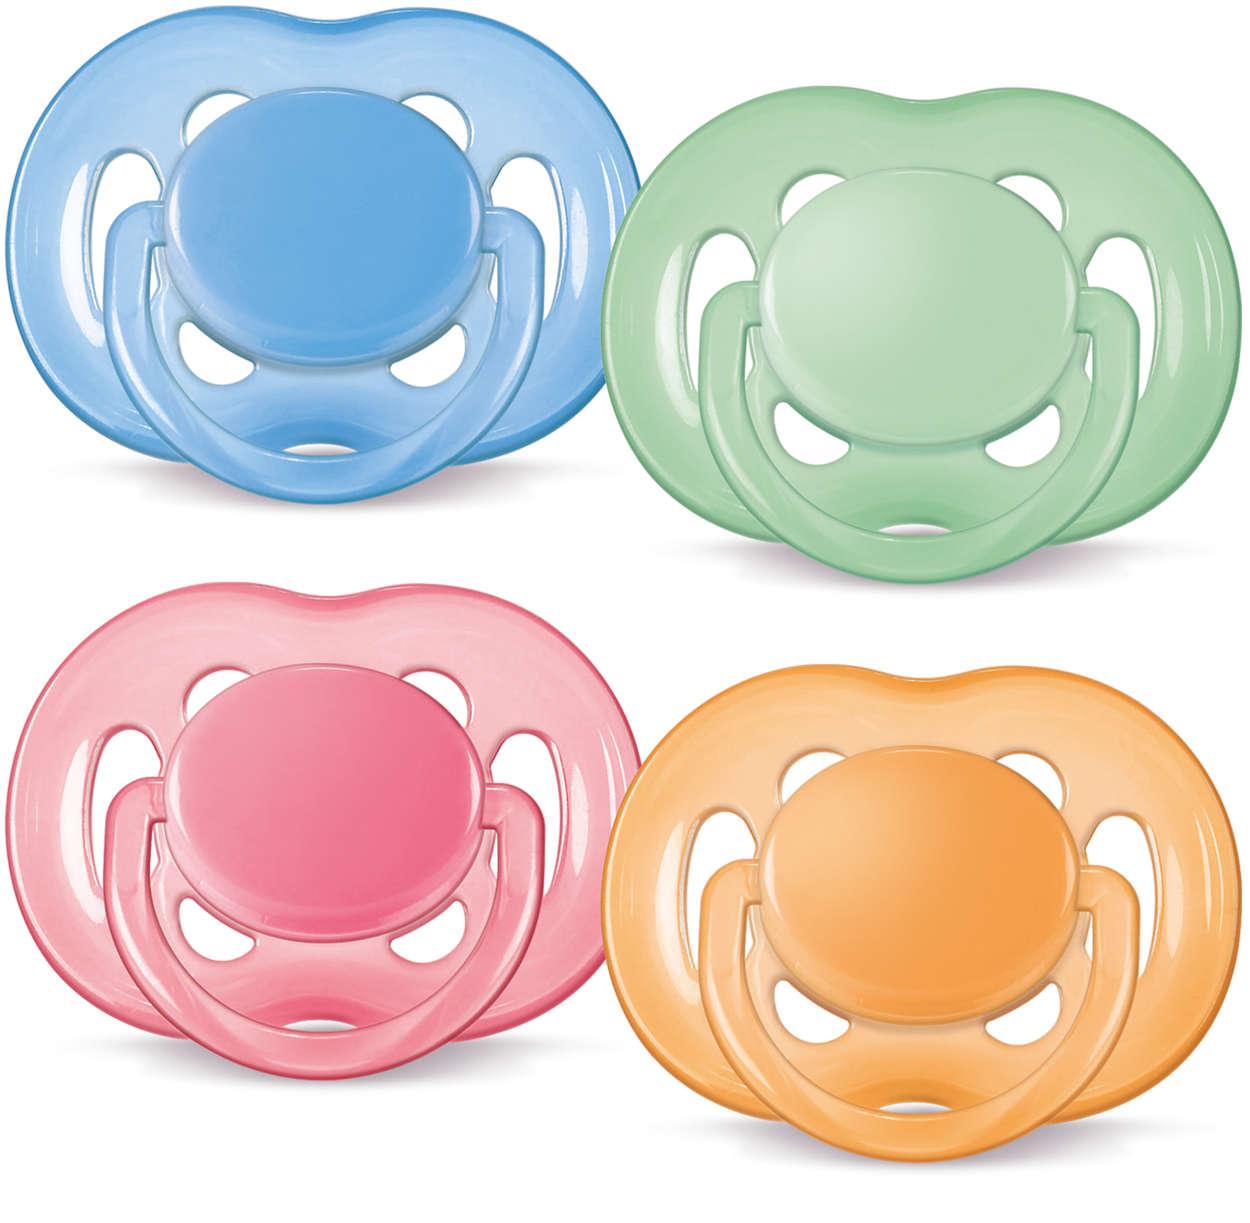 อากาศหมุนเวียนมากขึ้นเพื่อผิวที่บอบบางของทารก ปลอดสาร BPA